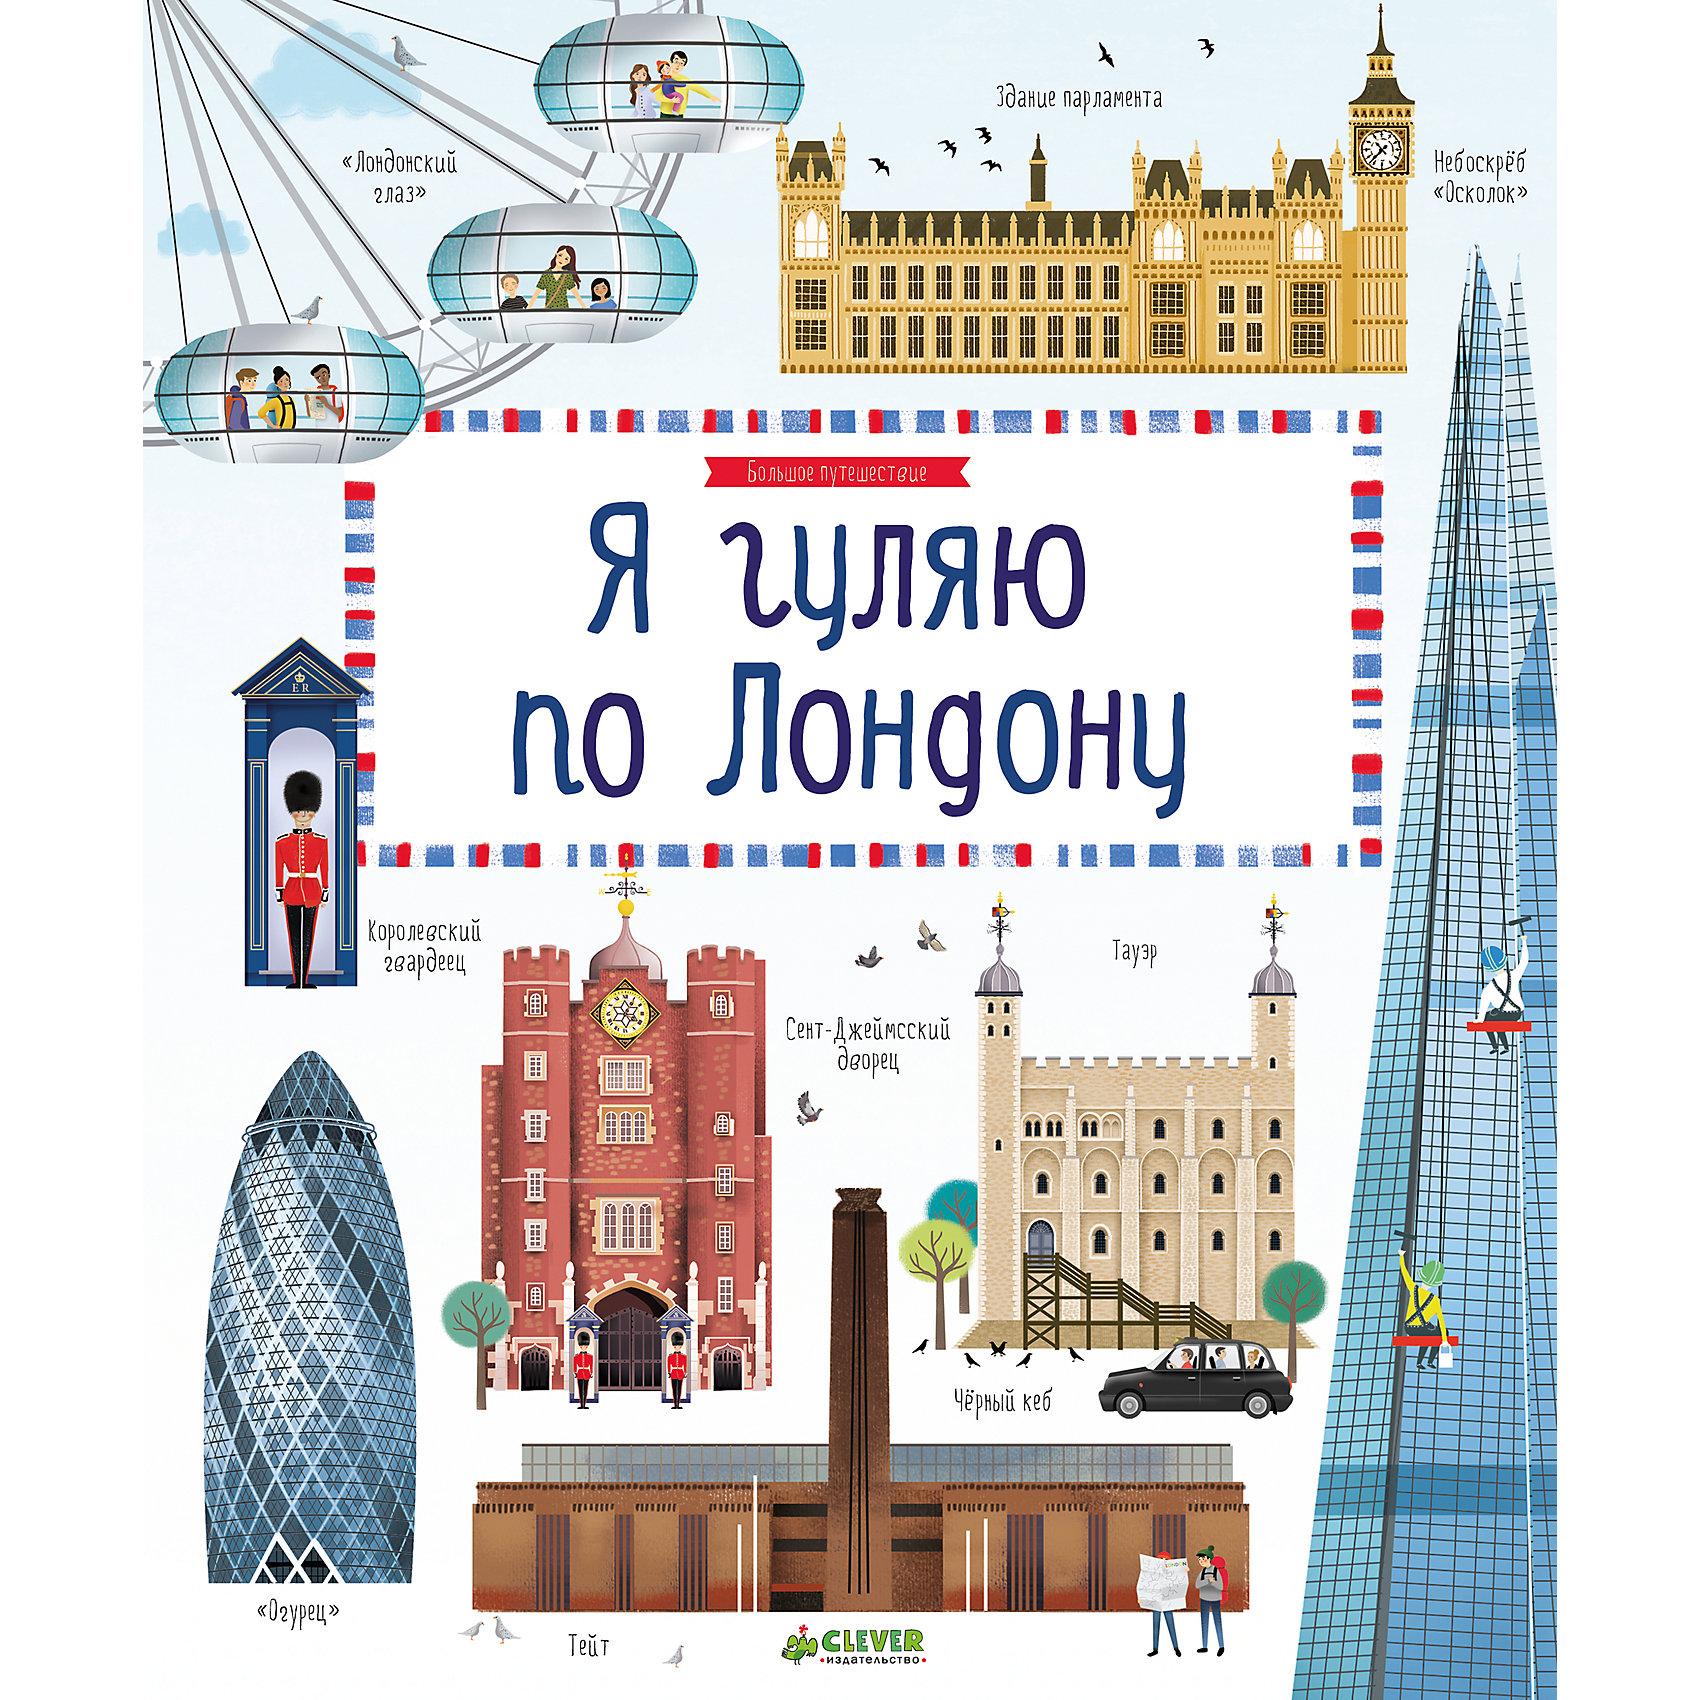 Я гуляю по Лондону, Дж. Р. ЛлойдЯ гуляю по Лондону, Дж. Р. Ллойд.<br><br>Характеристики:<br><br>- Издательство: Клевер-Медиа-Групп.<br>- Серия: Большое путешествие<br>- Размеры: 285х240х8 мм.<br>- Цветная печать.<br>- Вес: 350г. <br><br>Лондон - один из самых красивых и интересных городов мира. Посетите старинные замки, полюбуйтесь чудесными видами на Темзу, побывайте на самых высоких небоскребах, узнайте, кто такой бифитер и где в Лондоне можно повстречать королеву! Совершите экскурсию по Лондону, не выходя из дома!<br><br>Я гуляю по Лондону, Дж. Р. Ллойд, можно купить в нашем интернет – магазине.<br><br>Ширина мм: 285<br>Глубина мм: 240<br>Высота мм: 8<br>Вес г: 350<br>Возраст от месяцев: 48<br>Возраст до месяцев: 72<br>Пол: Унисекс<br>Возраст: Детский<br>SKU: 5377758